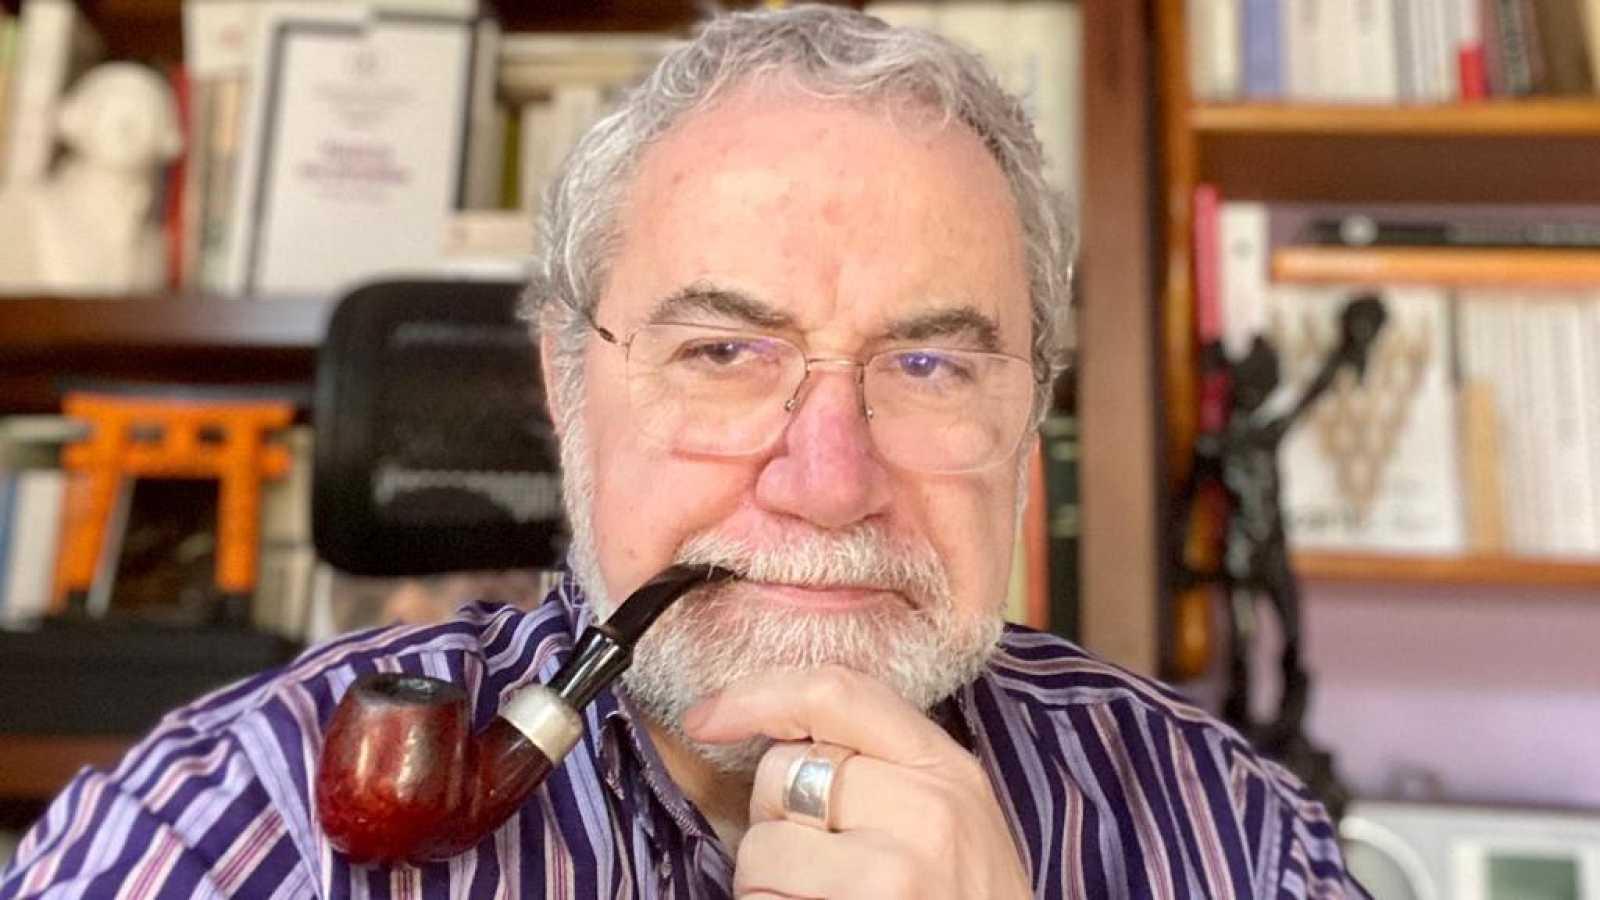 No es un día cualquiera - Roberto Rodríguez Aramayo - IFS-CSIC - Cambios en nuestra especie - El café de la 9 - 20/02/2021 - Escuchar Ahora